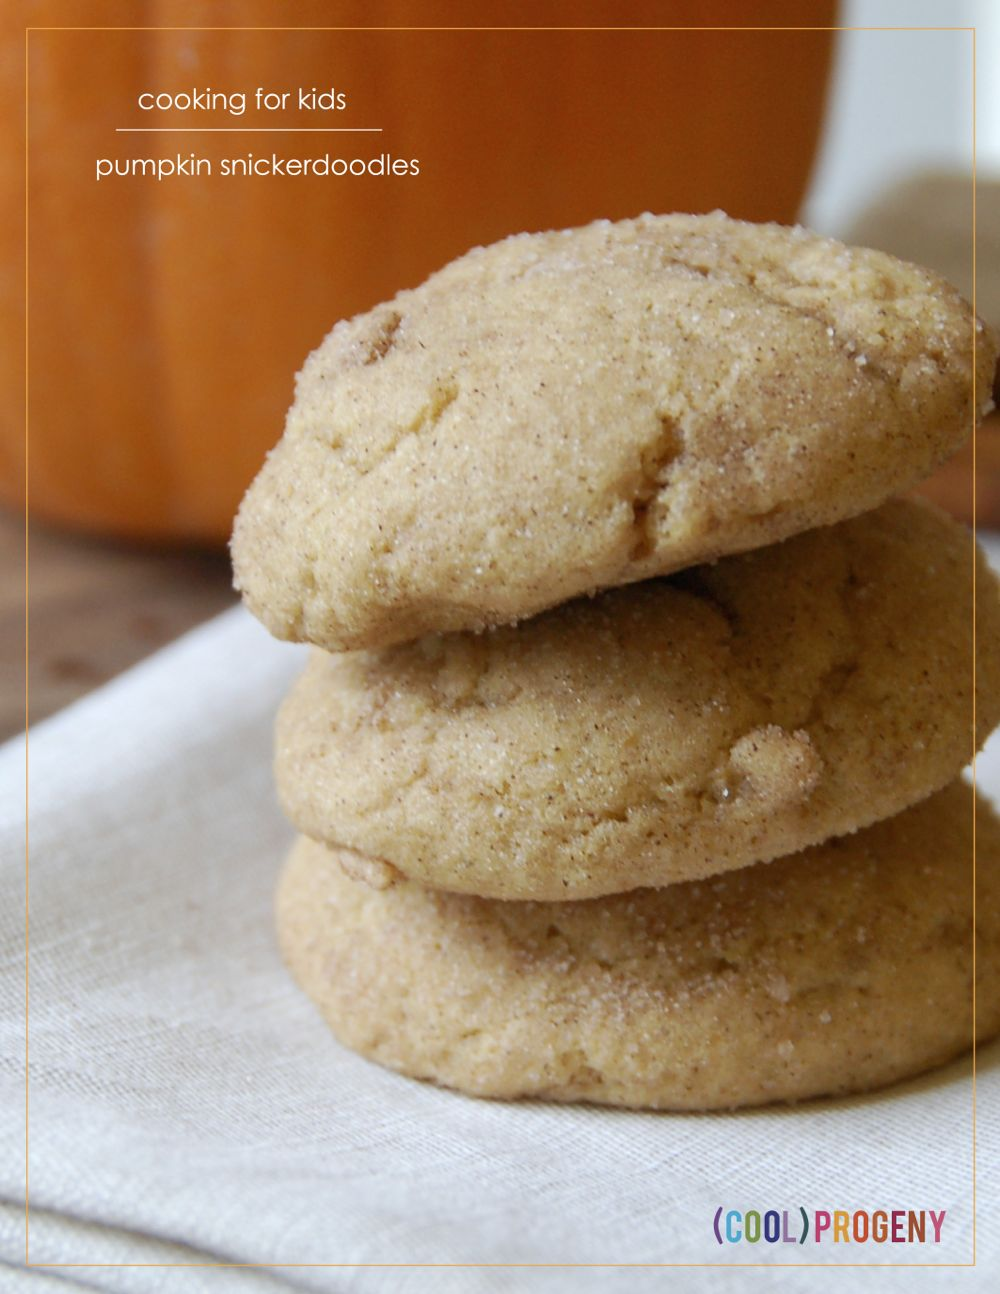 pumpkin snickerdoodles - (cool) progeny